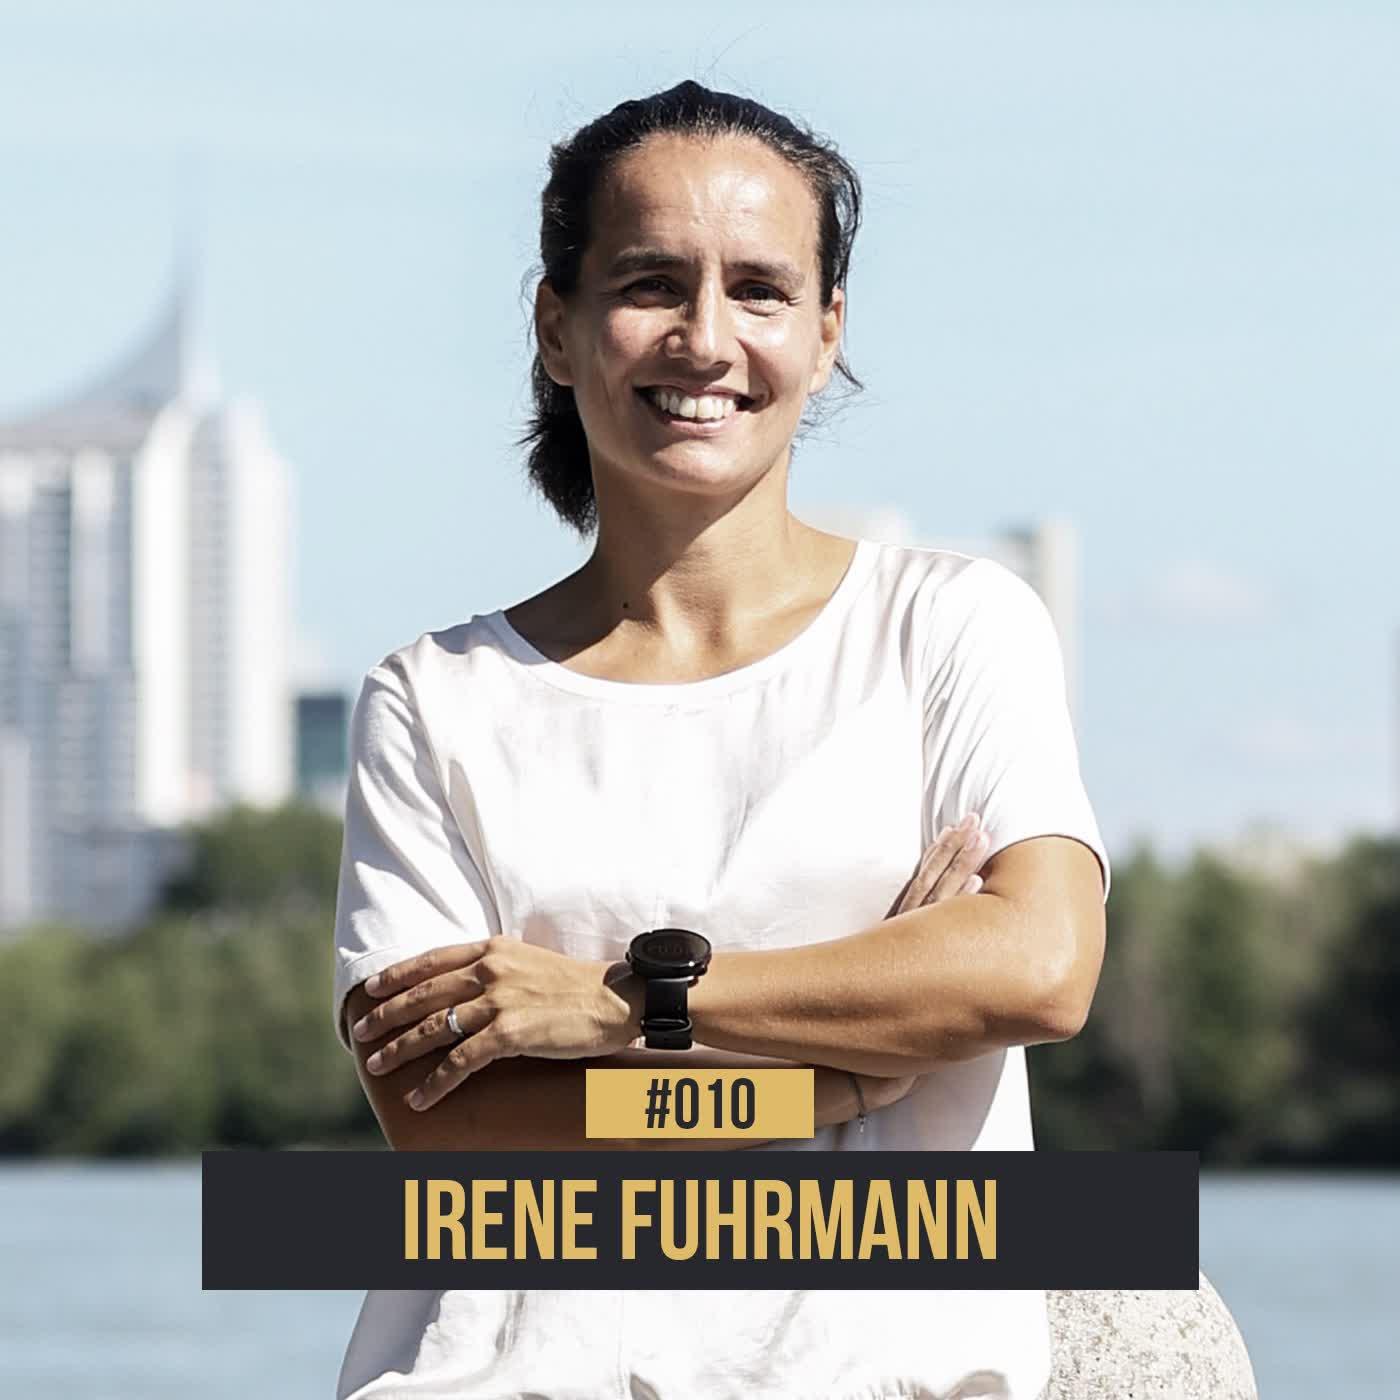 #010 Irene Fuhrmann: Österreichs Frauenfußball-Vorreiterin